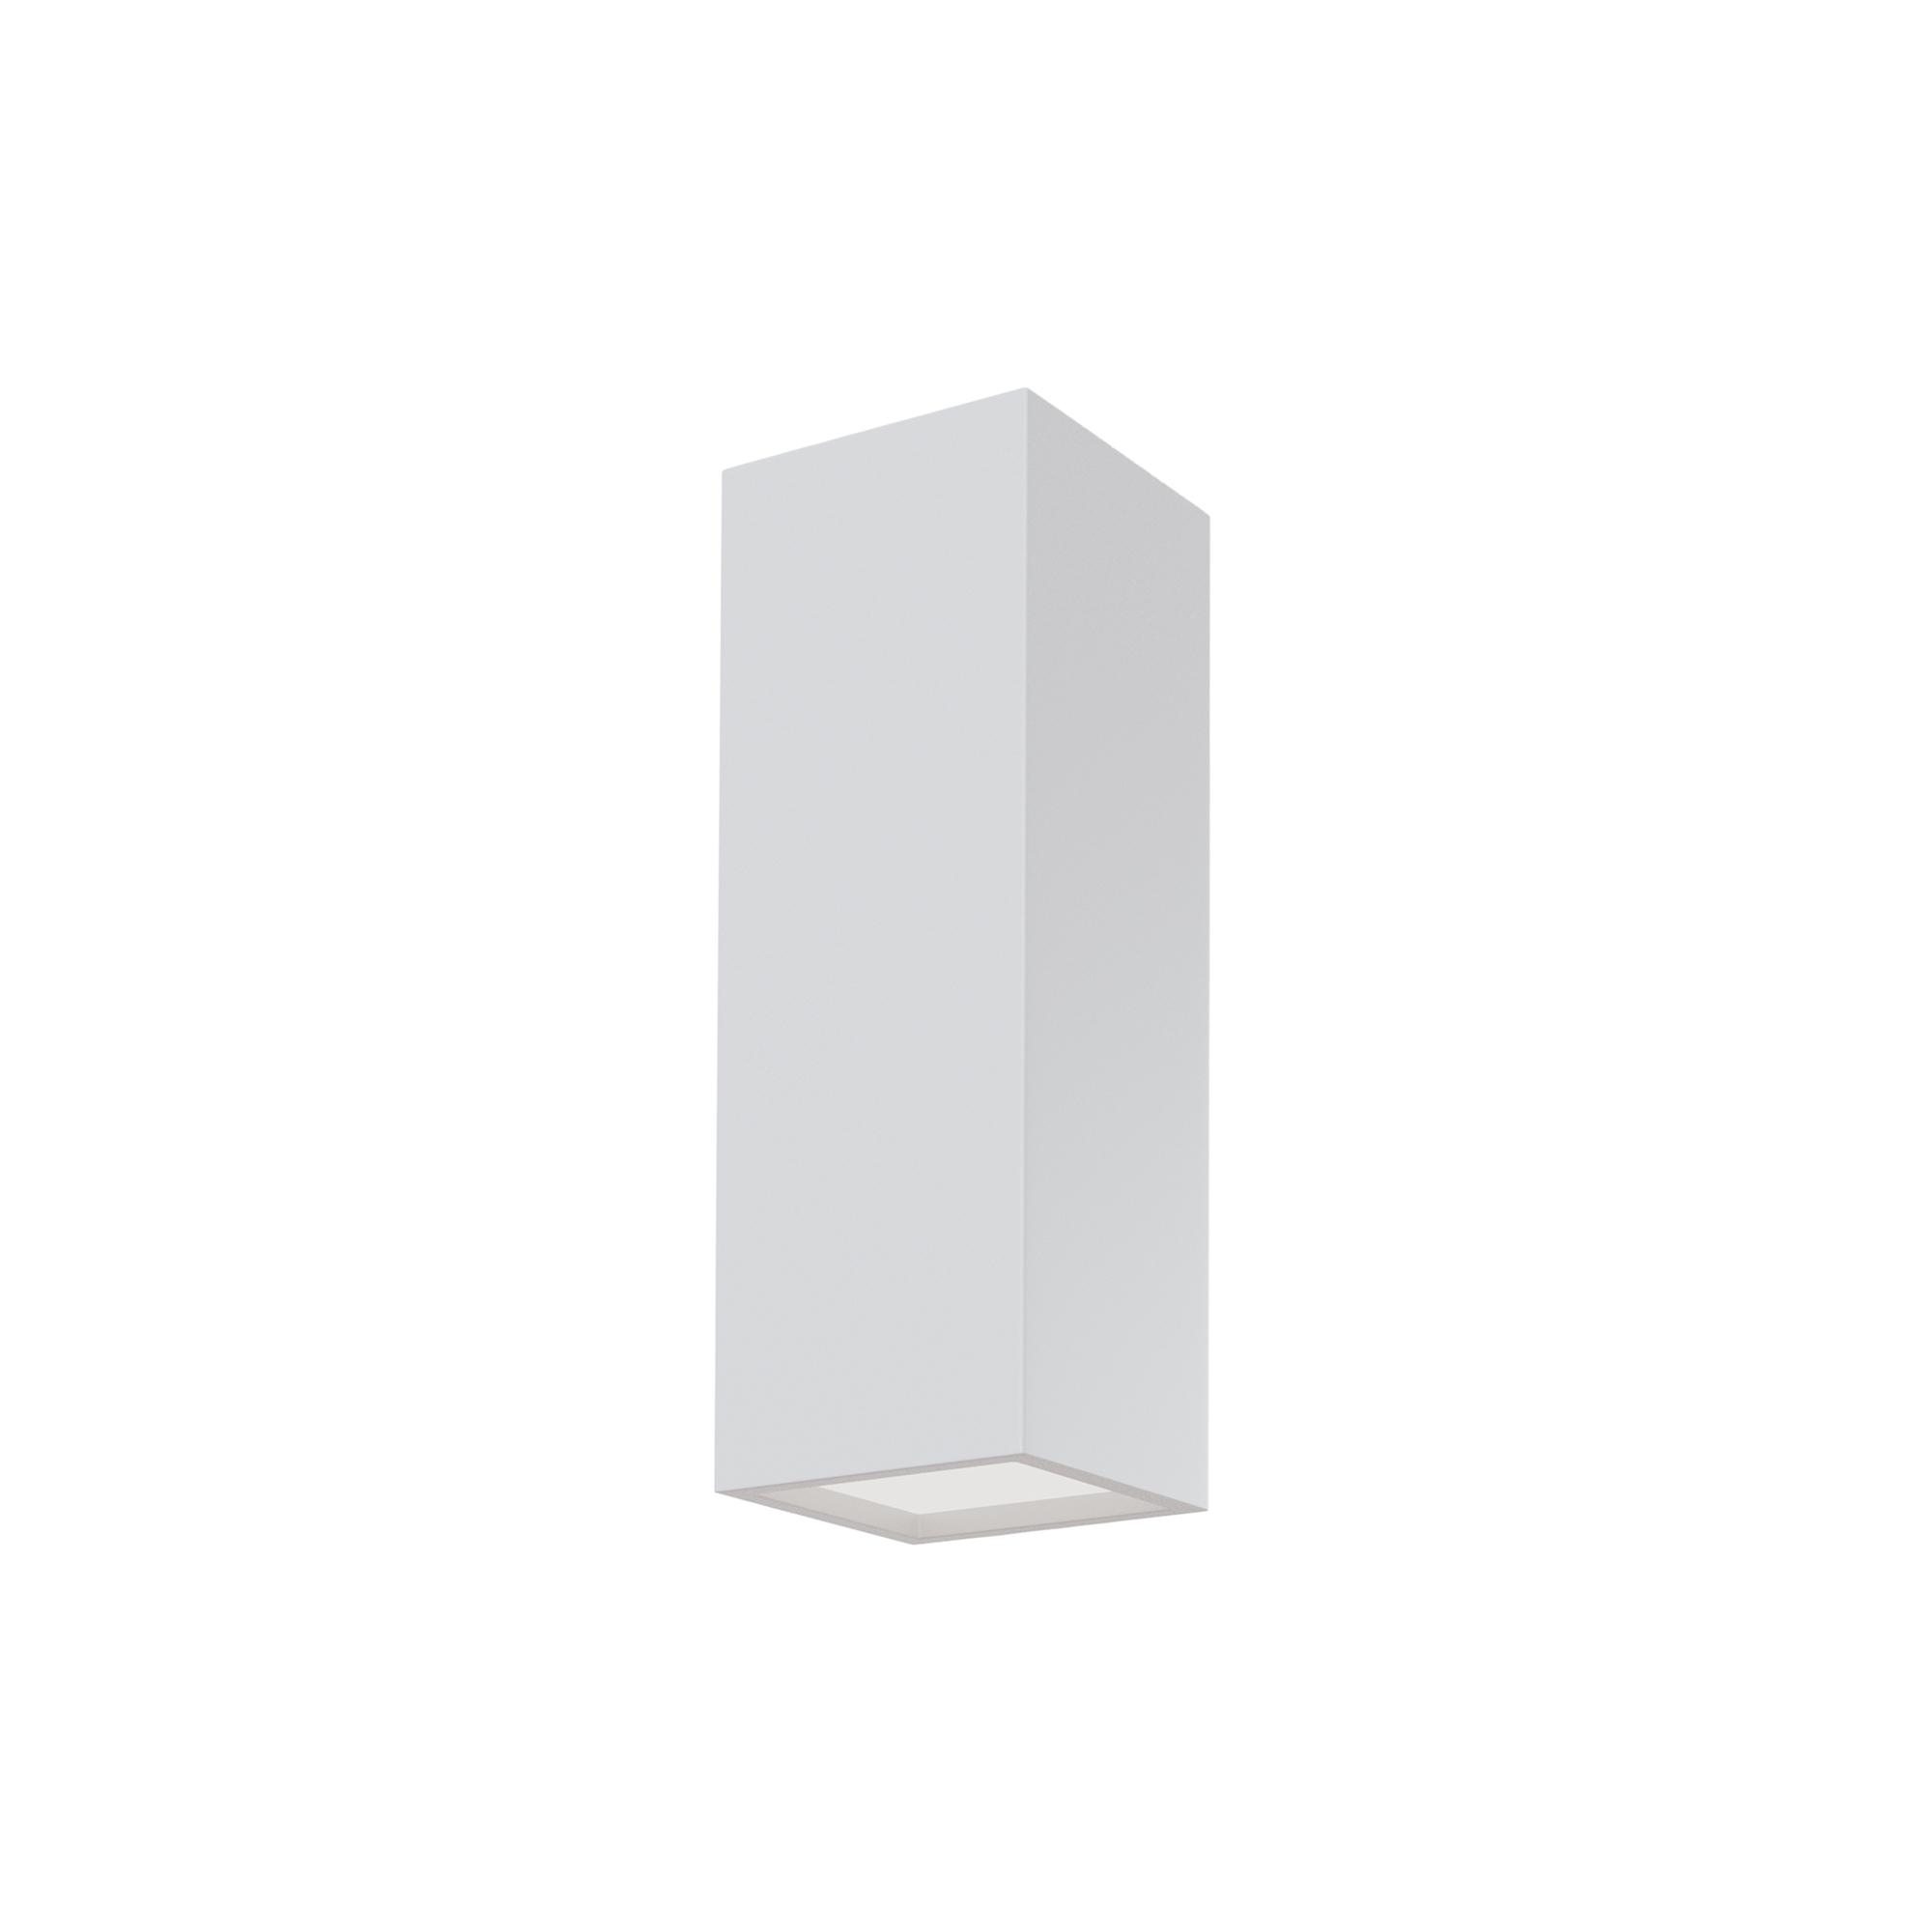 Настенный светильник Maytoni Parma C190-WL-02-W, 2xG9x5W, белый, под покраску, гипс - фото 3